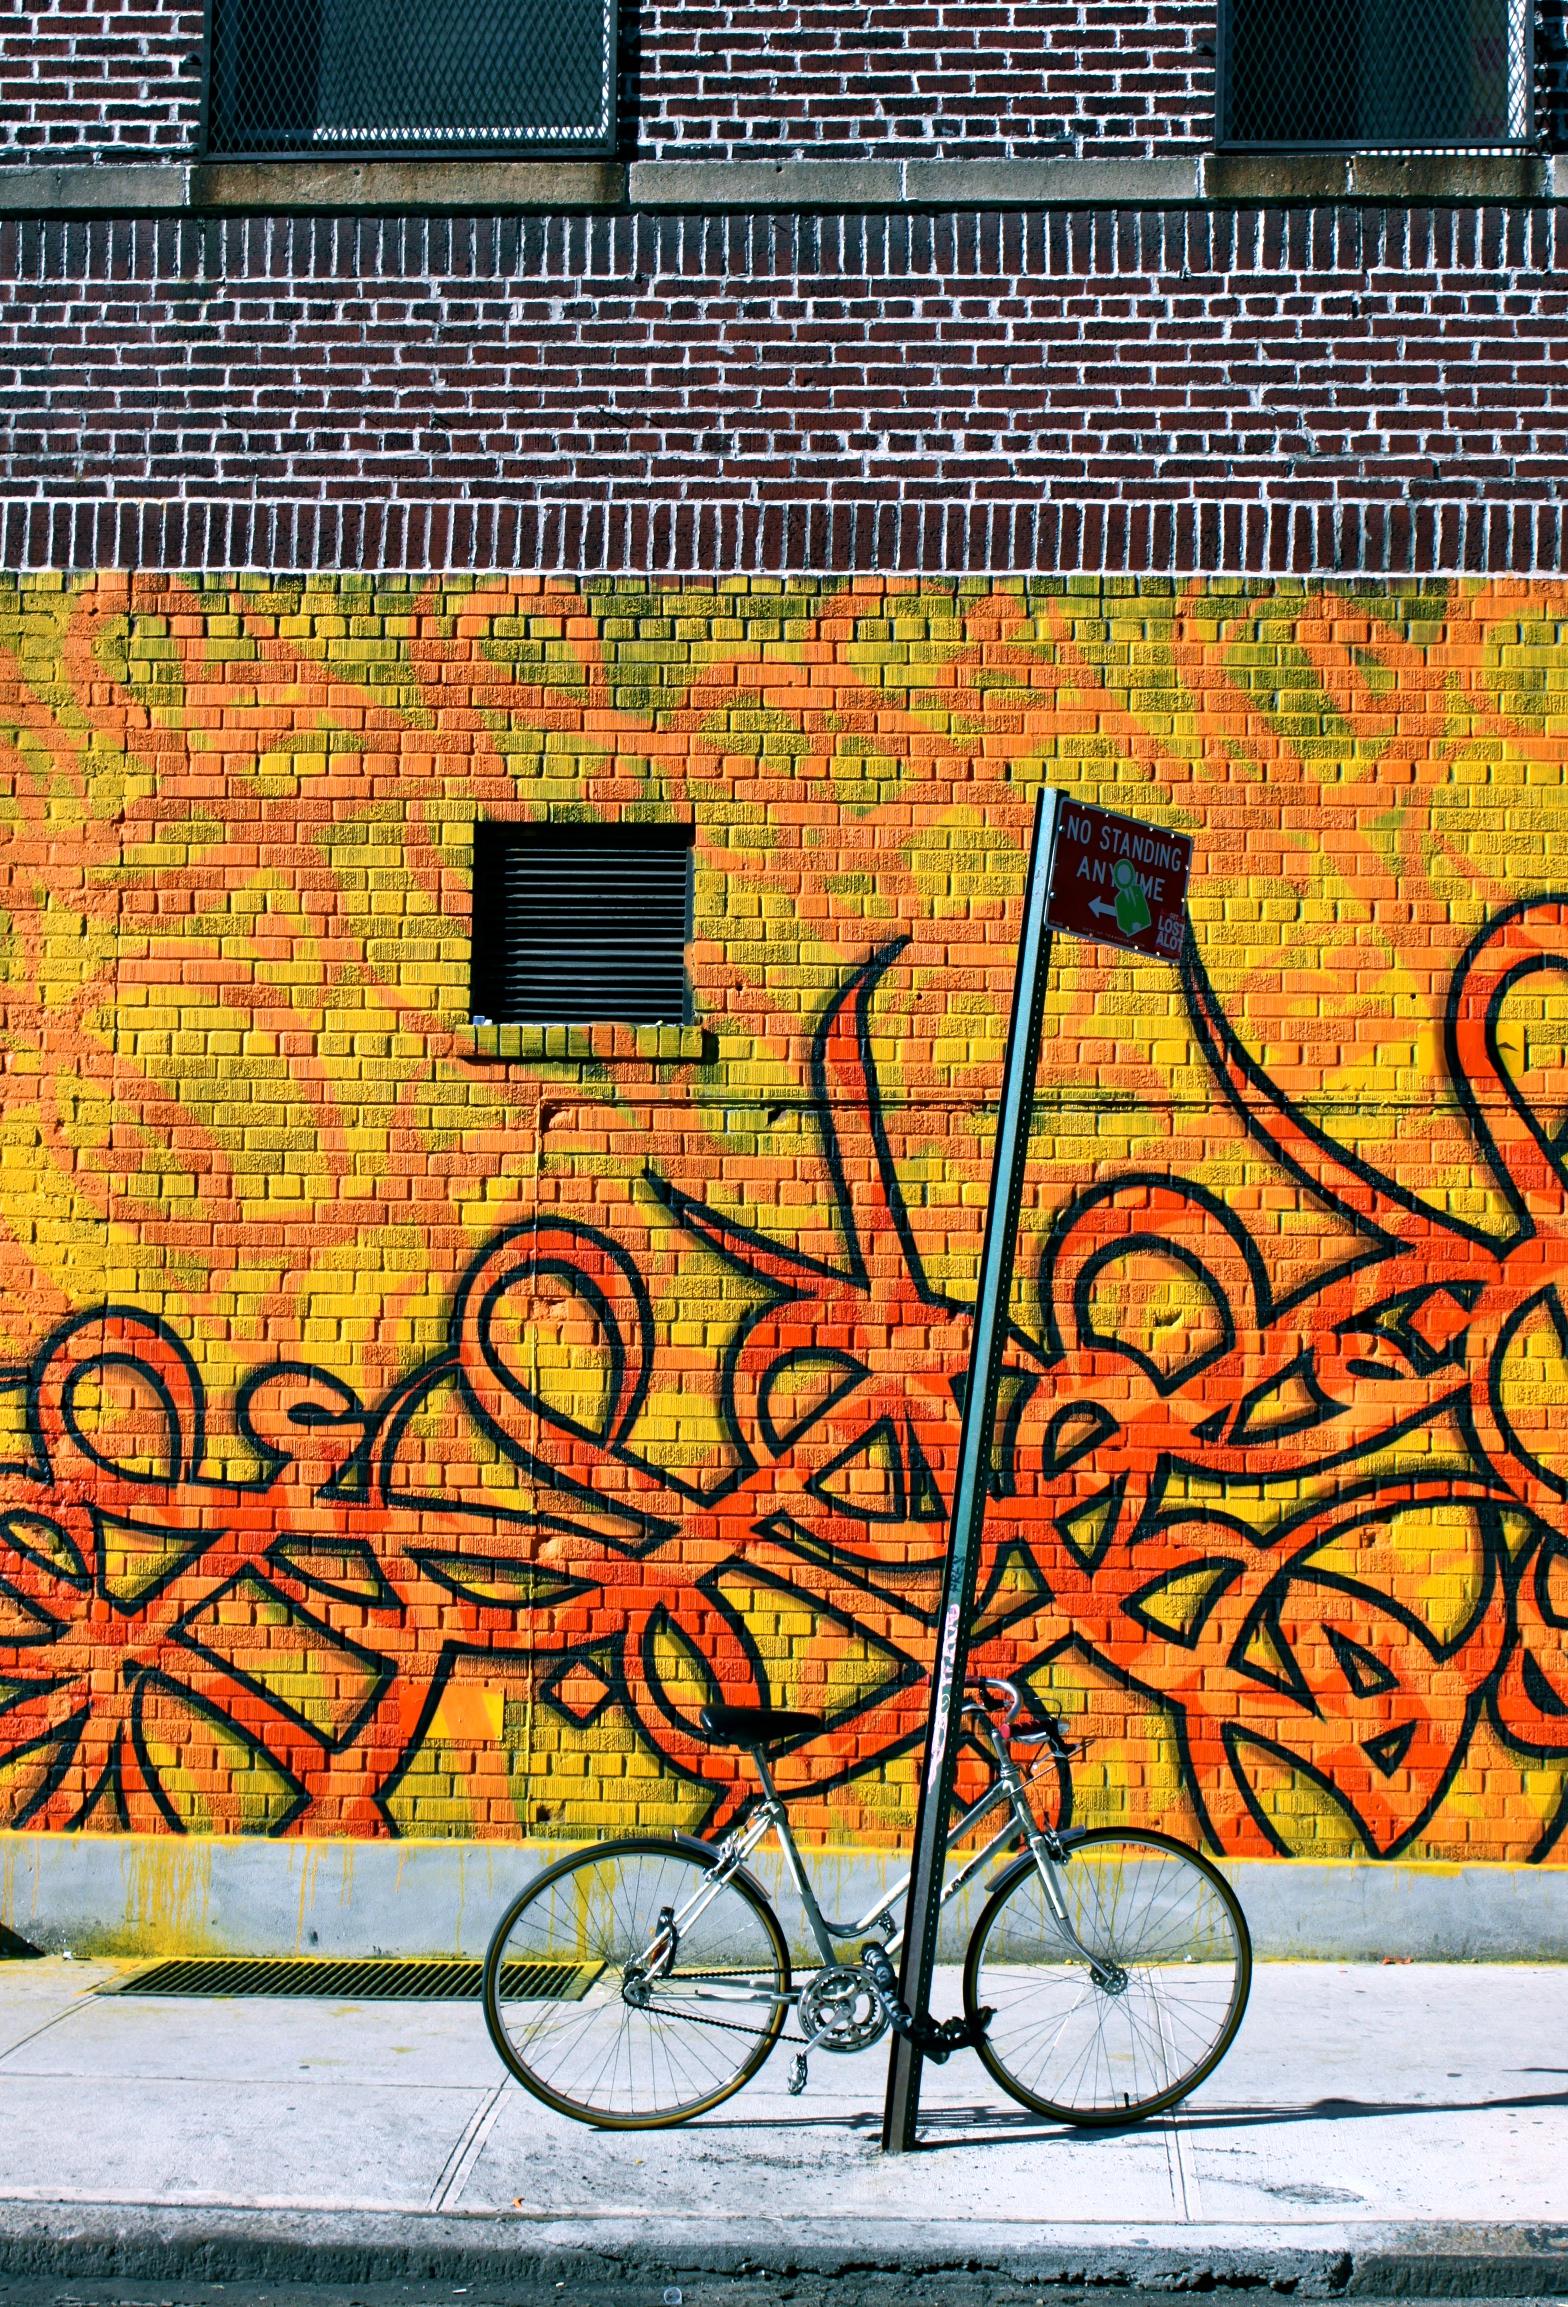 nyc graffiti street art